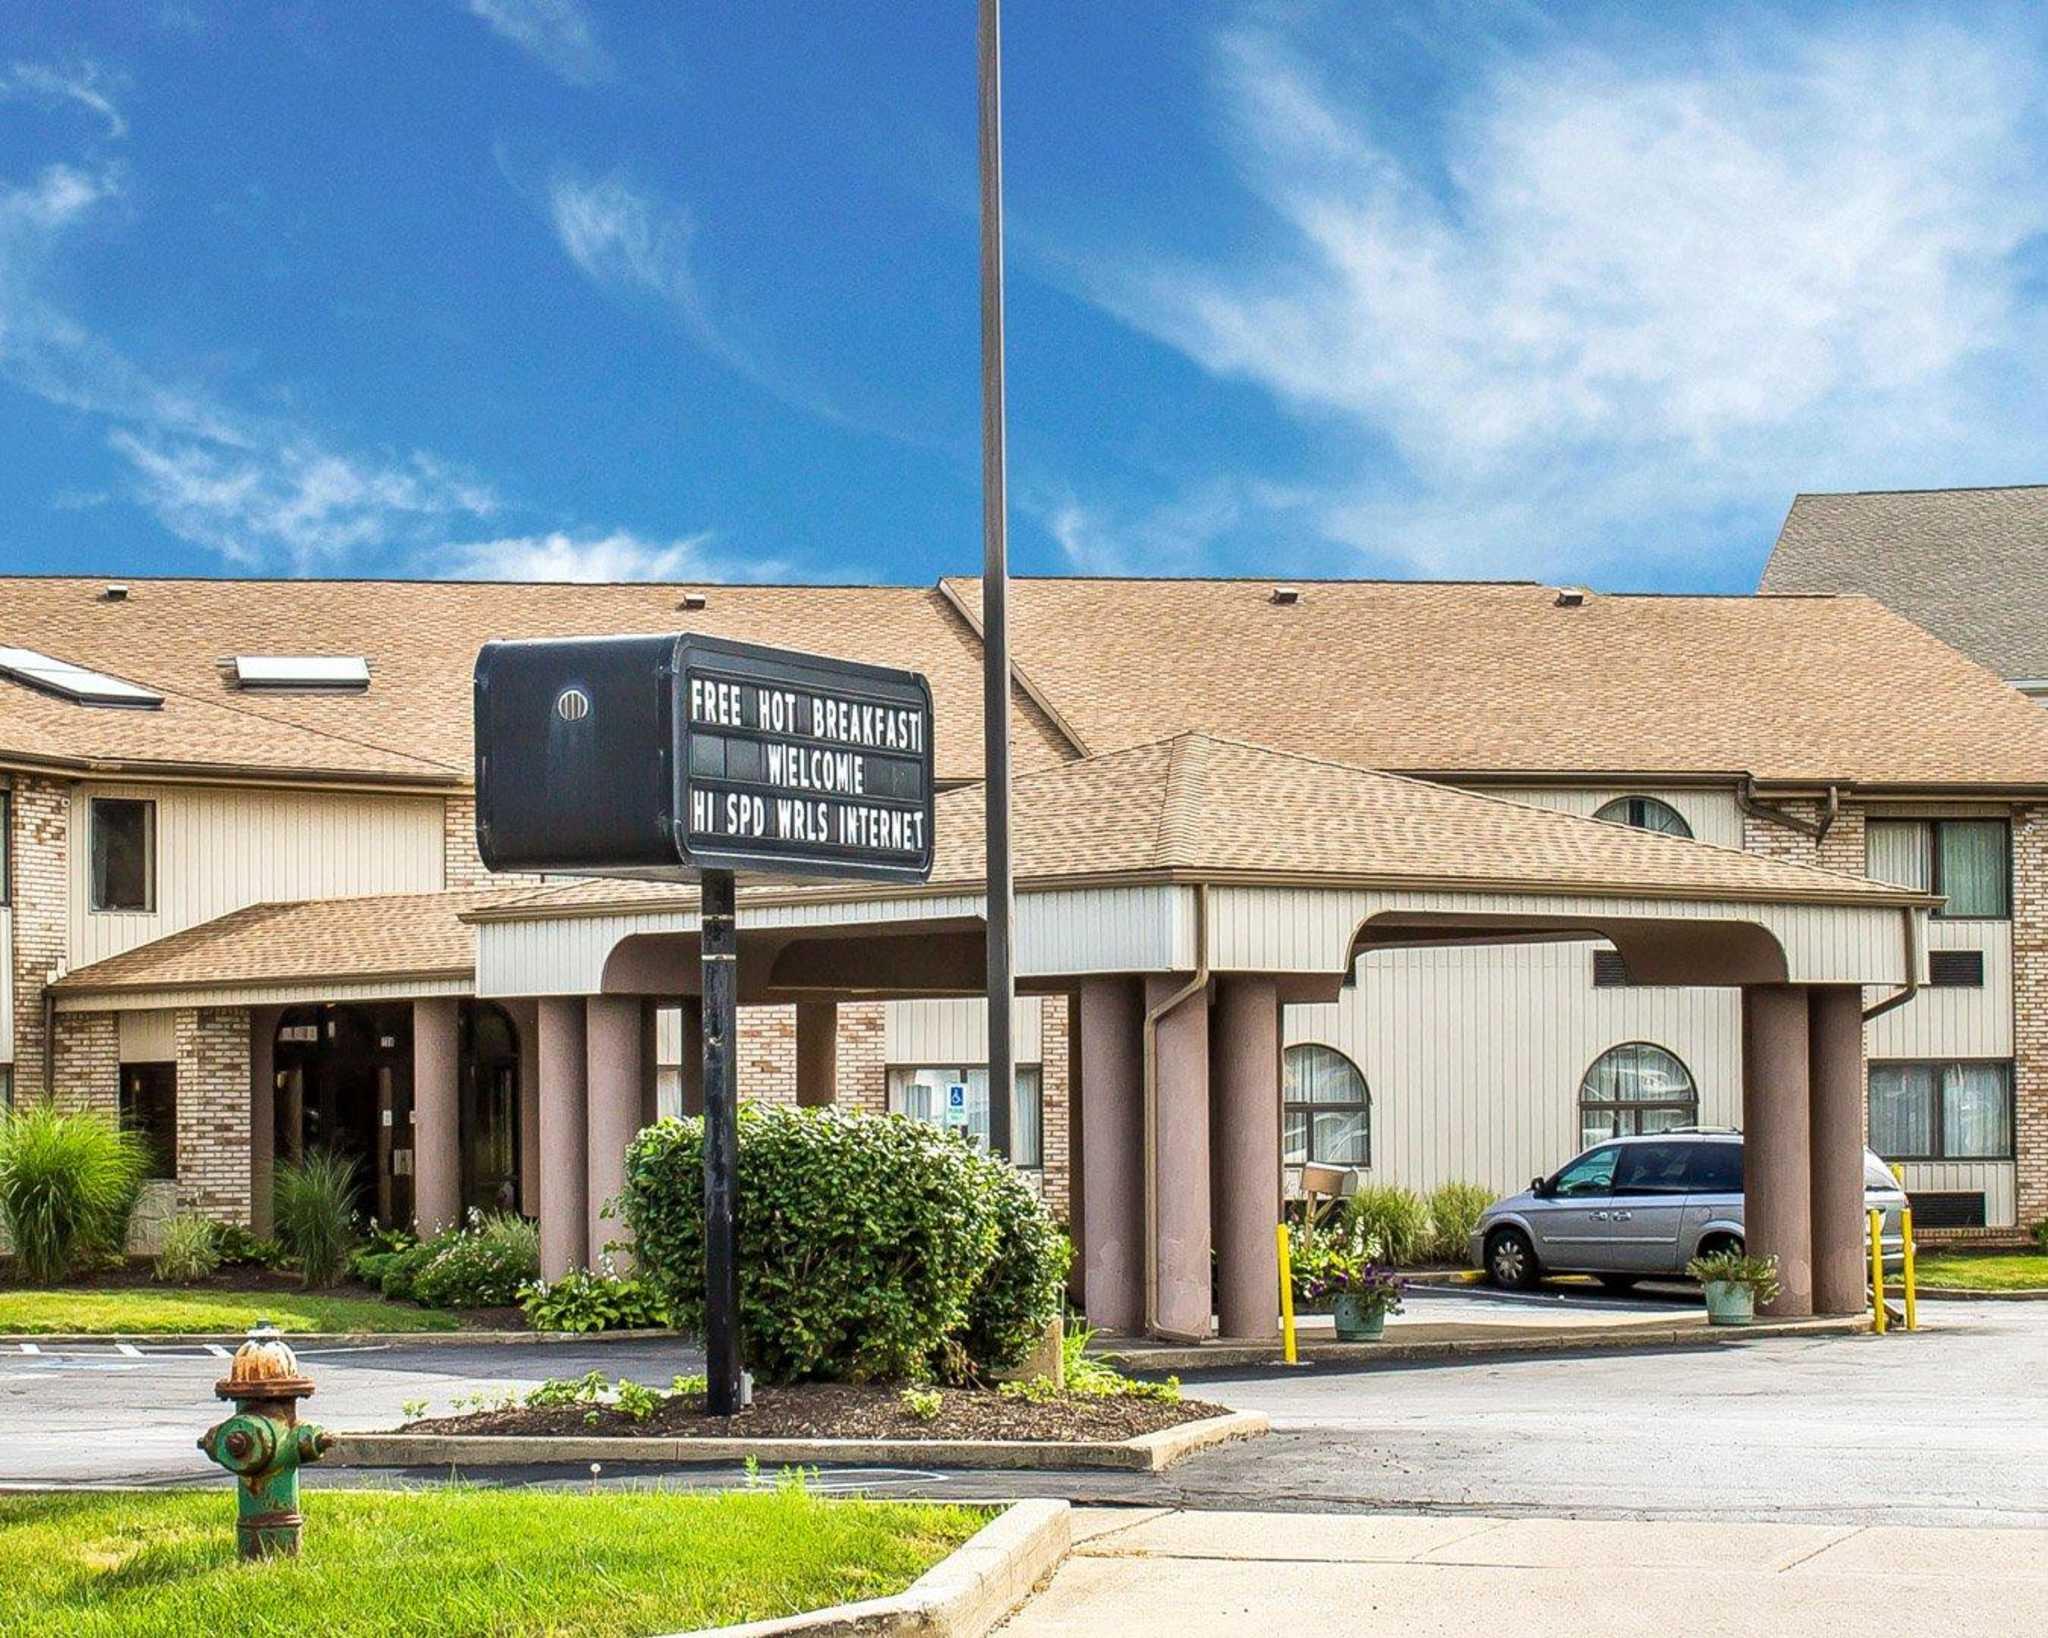 Hotels Near Elyria Ohio